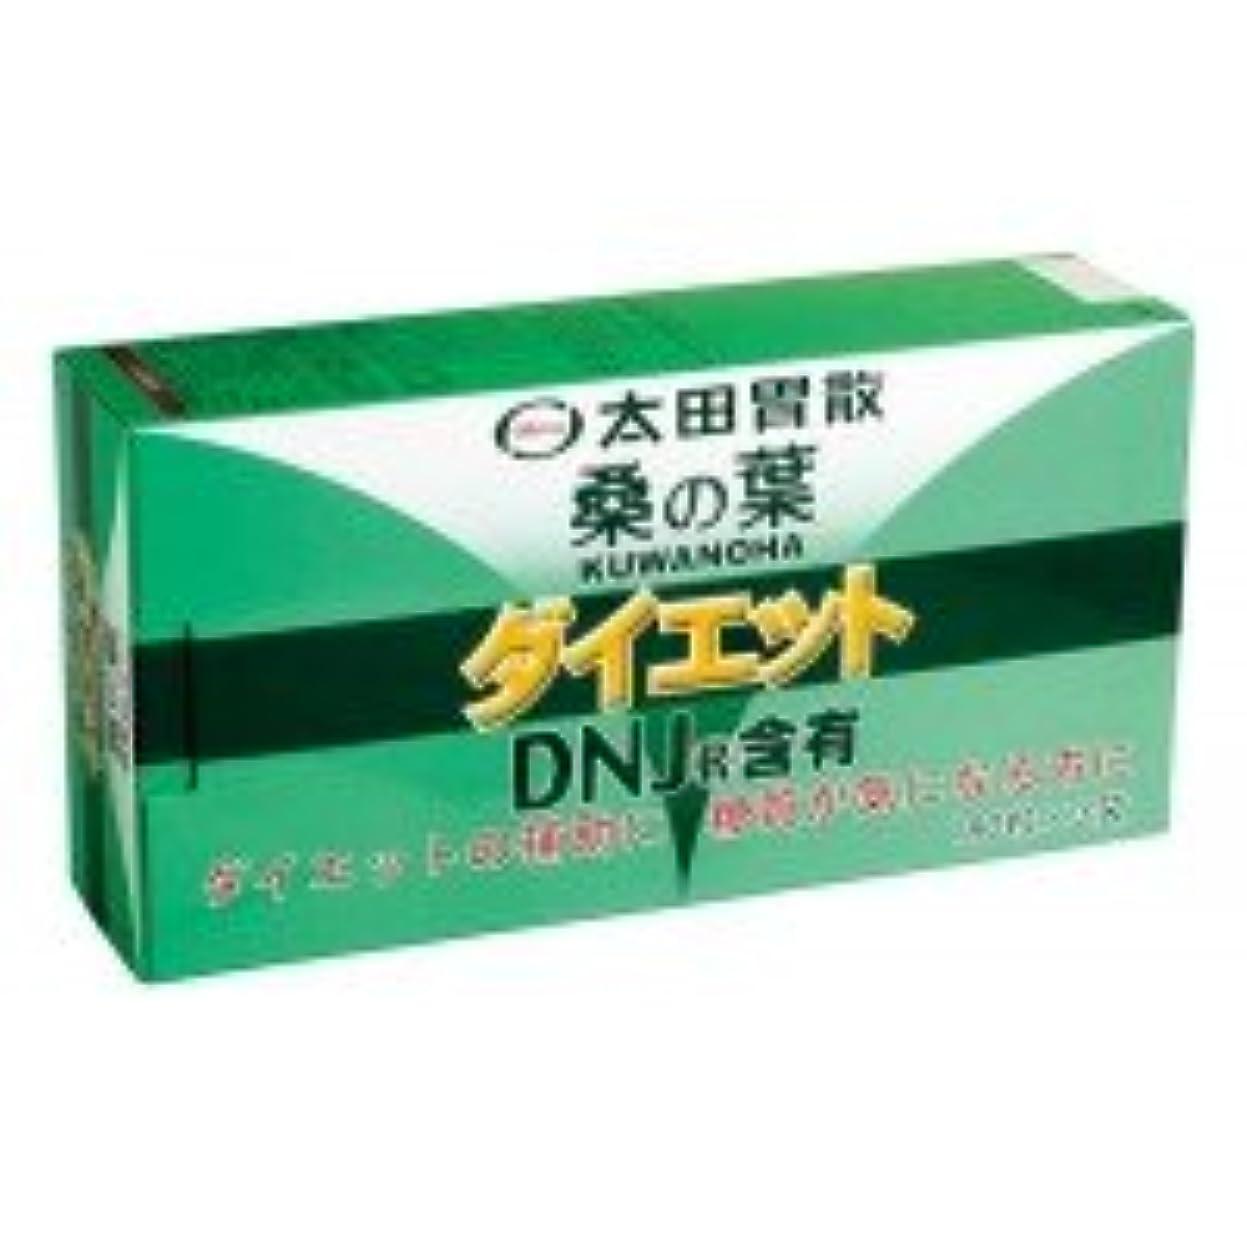 荒れ地データセイはさておき太田胃散 桑の葉ダイエット 540粒